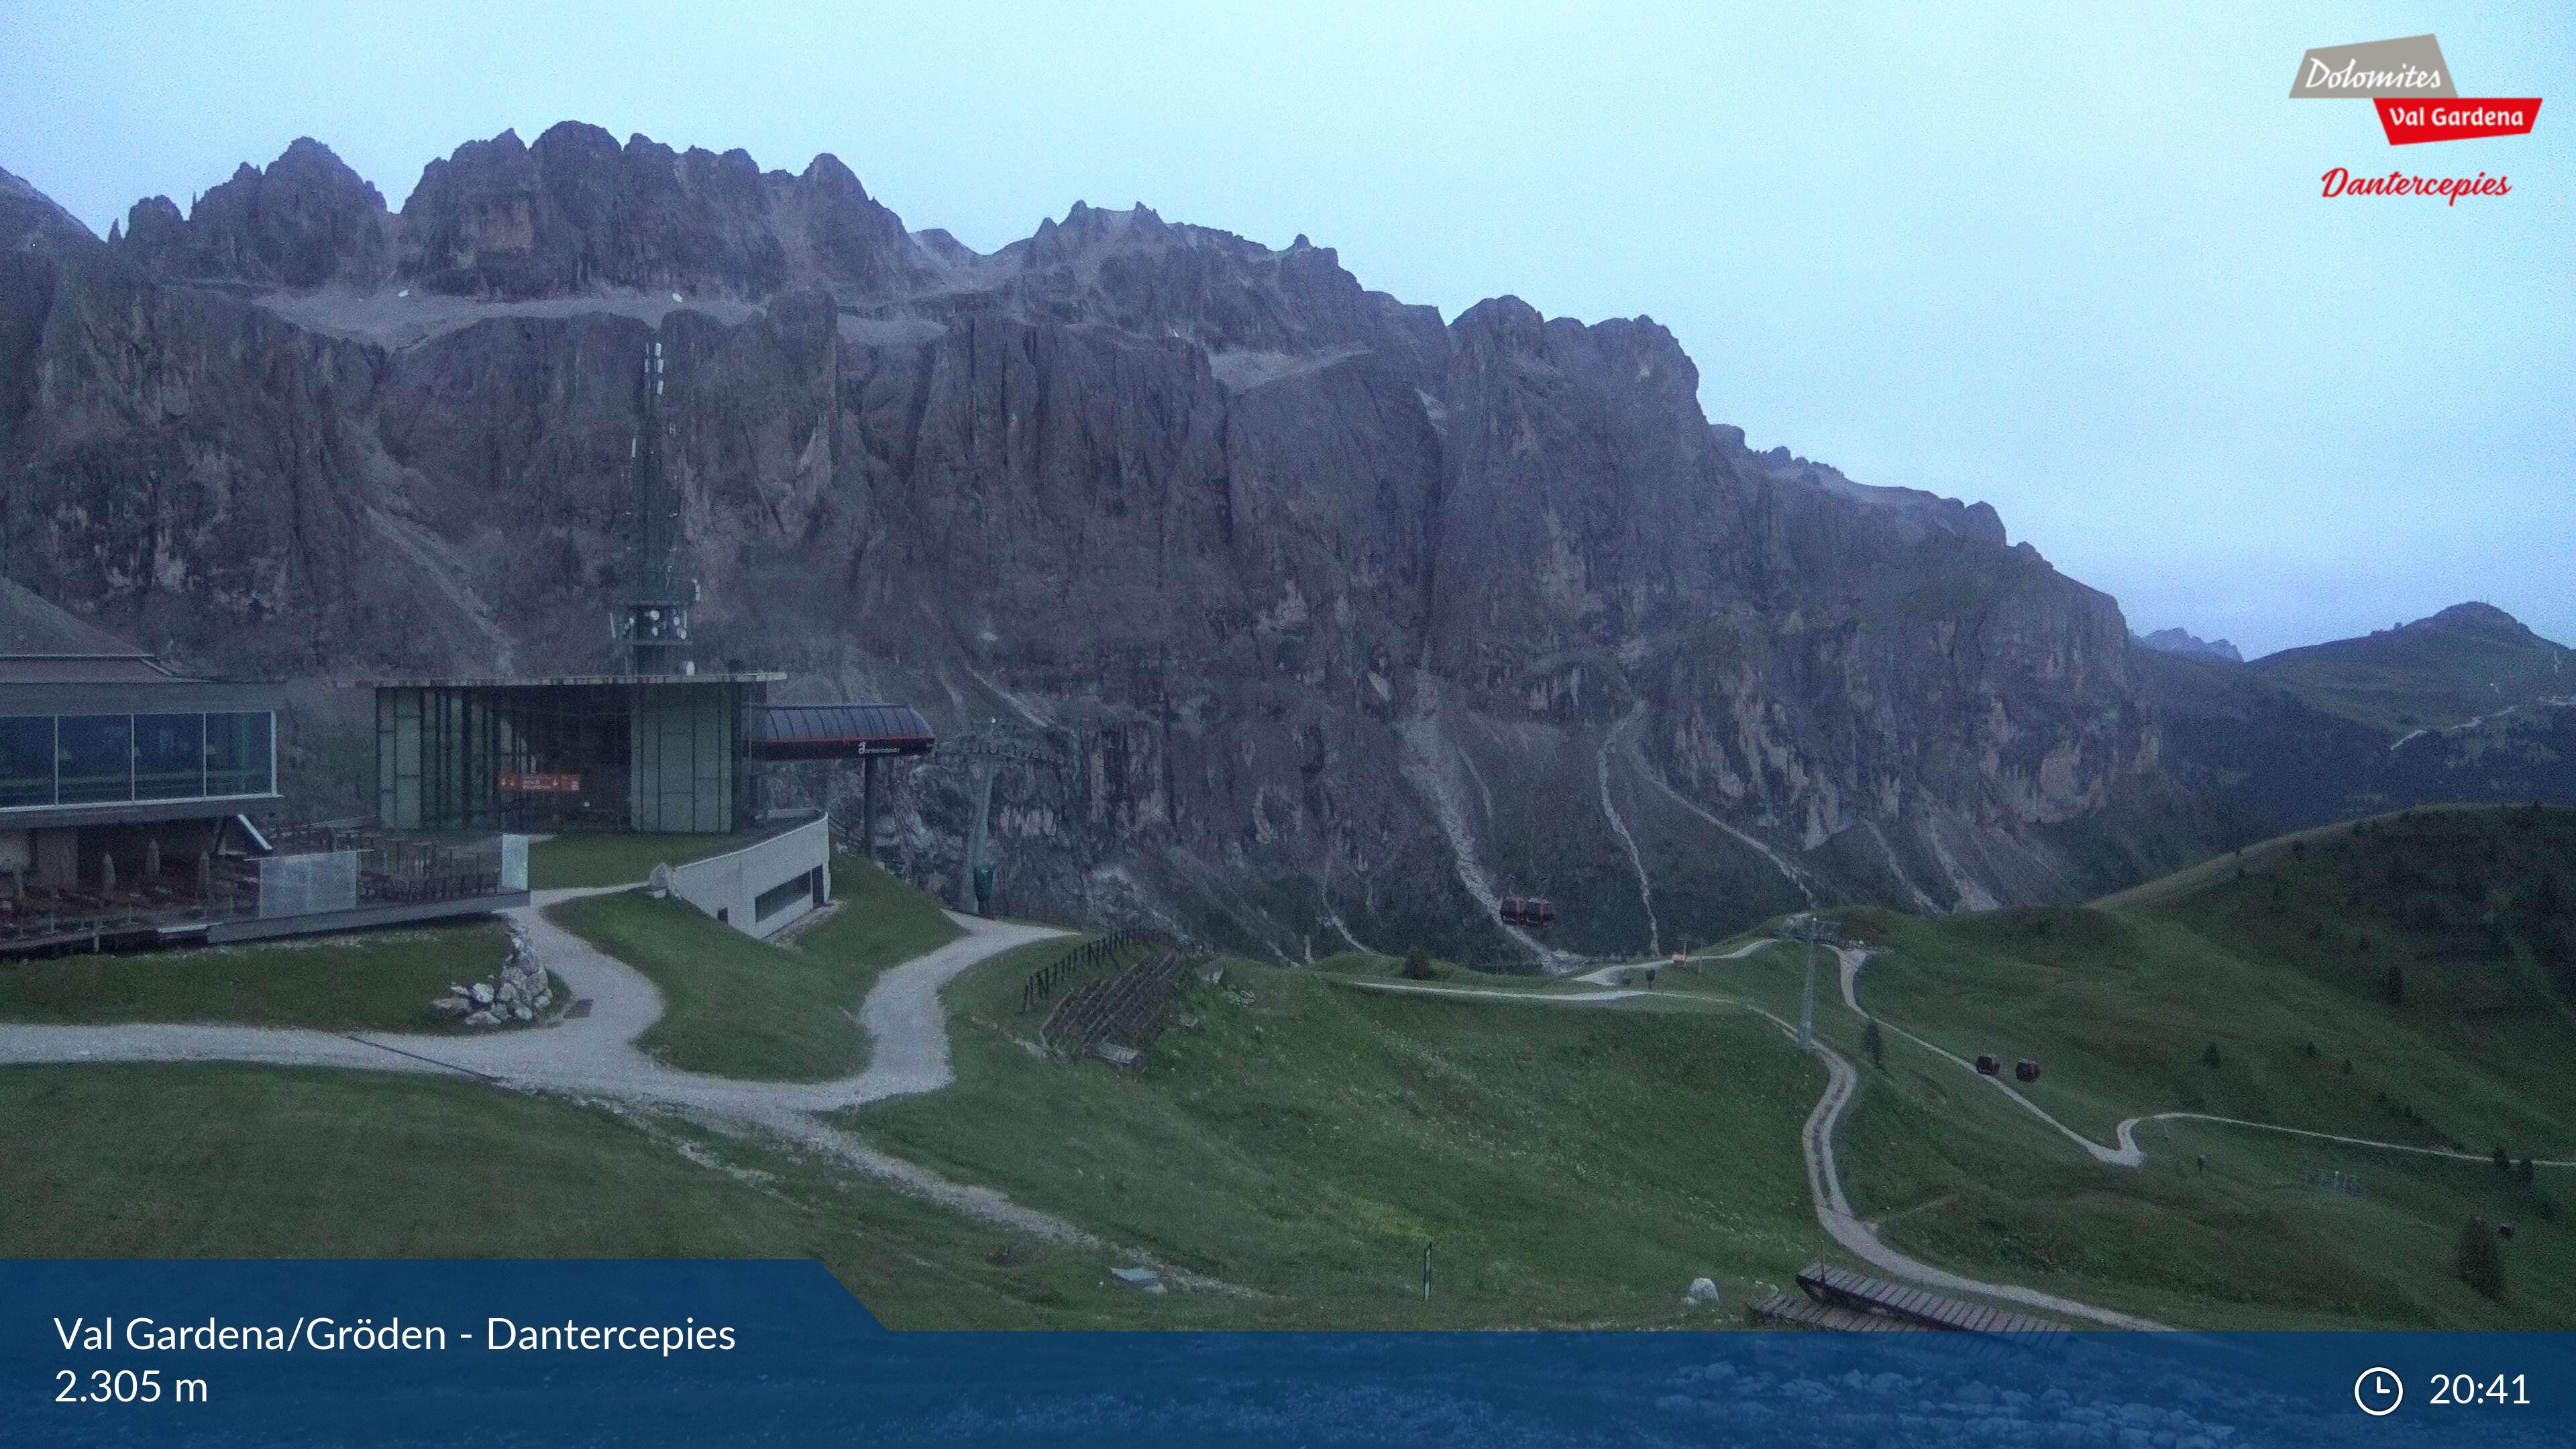 Selva Val Gardena webcam - Dantercepies ski station